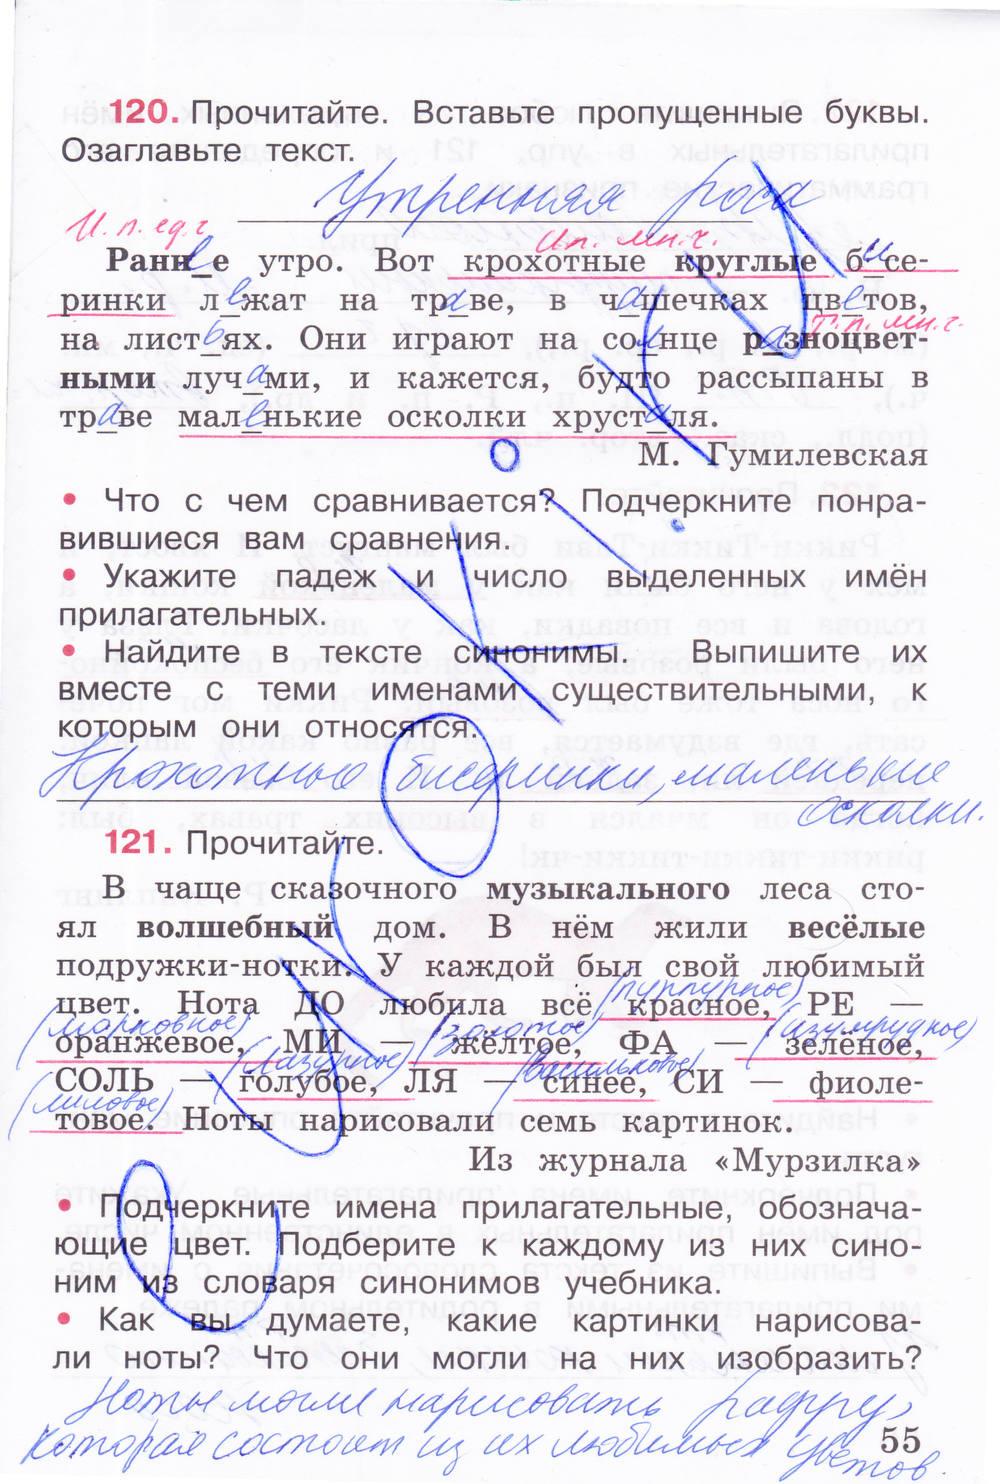 ГДЗ решебник русский язык 3 класс Канакина Горецкий 1 и 2